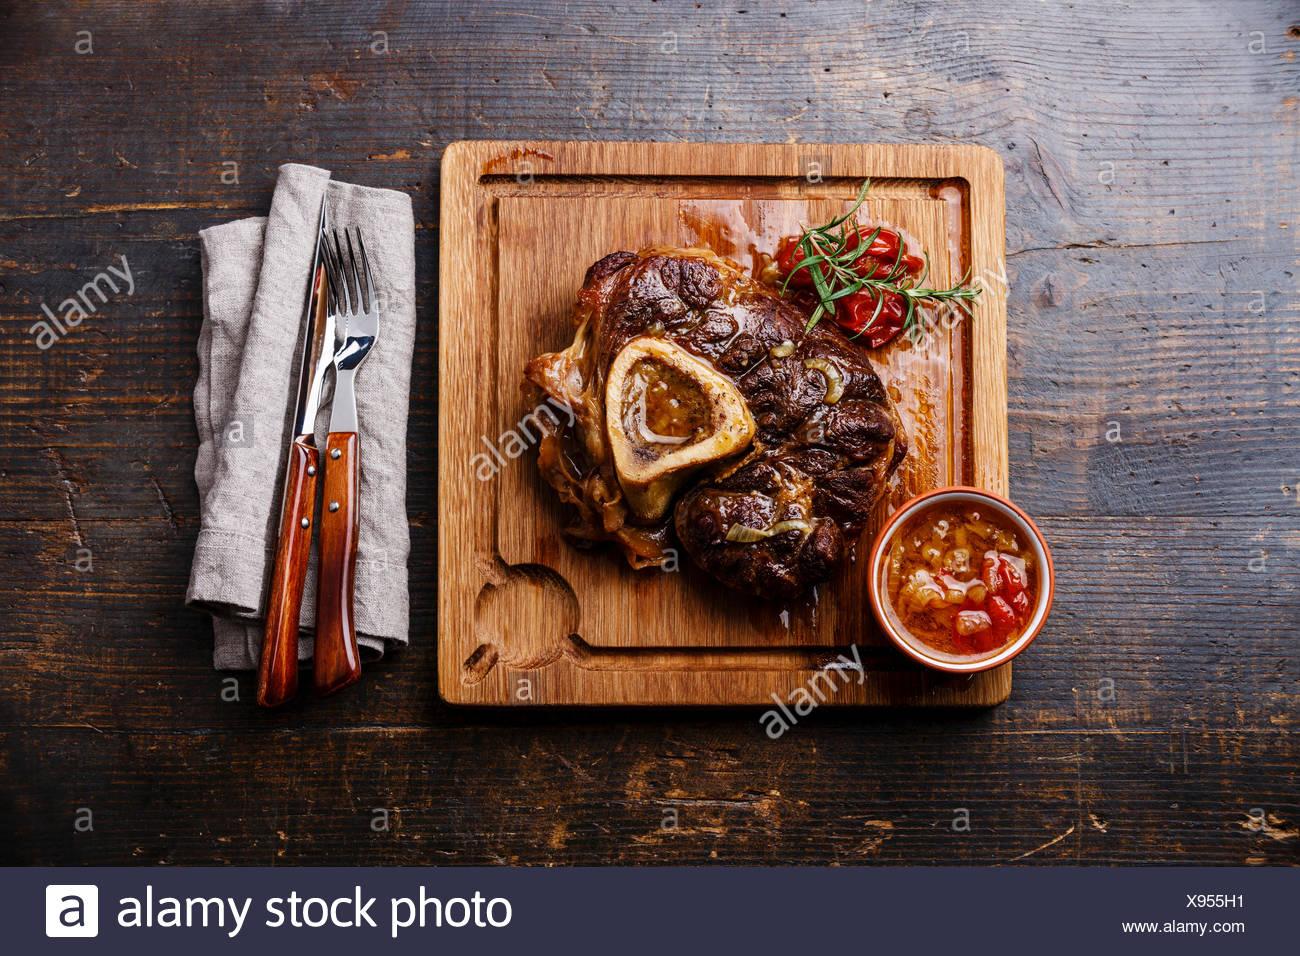 Ossobuco Kalbshaxe mit Tomaten auf dem Board auf hölzernen Hintergrund vorbereitet Stockbild